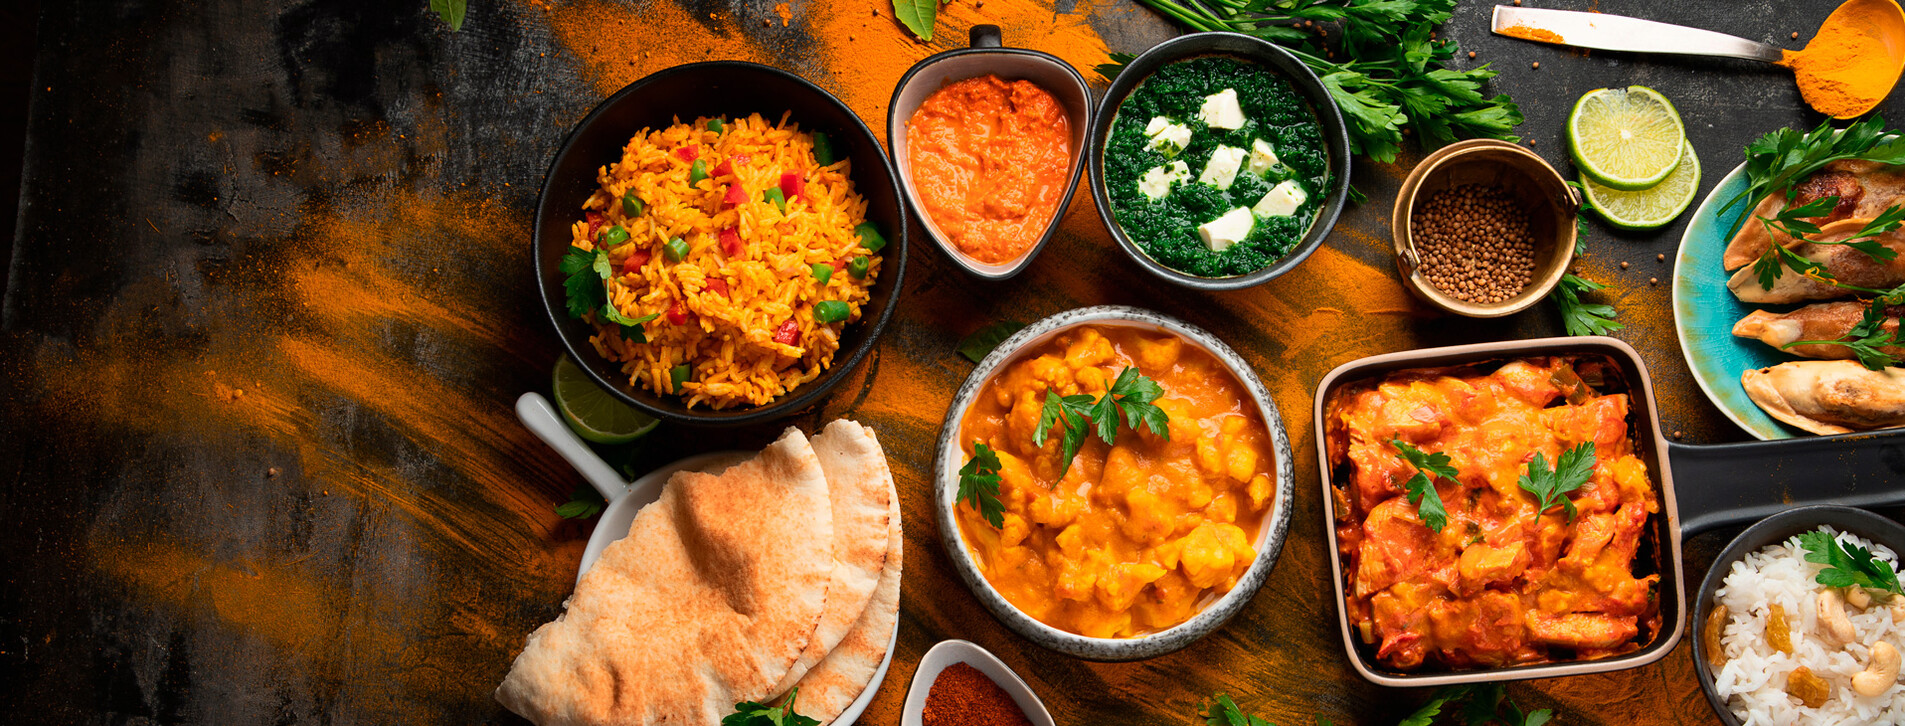 Фото 1 - Вечеря в індійському ресторані